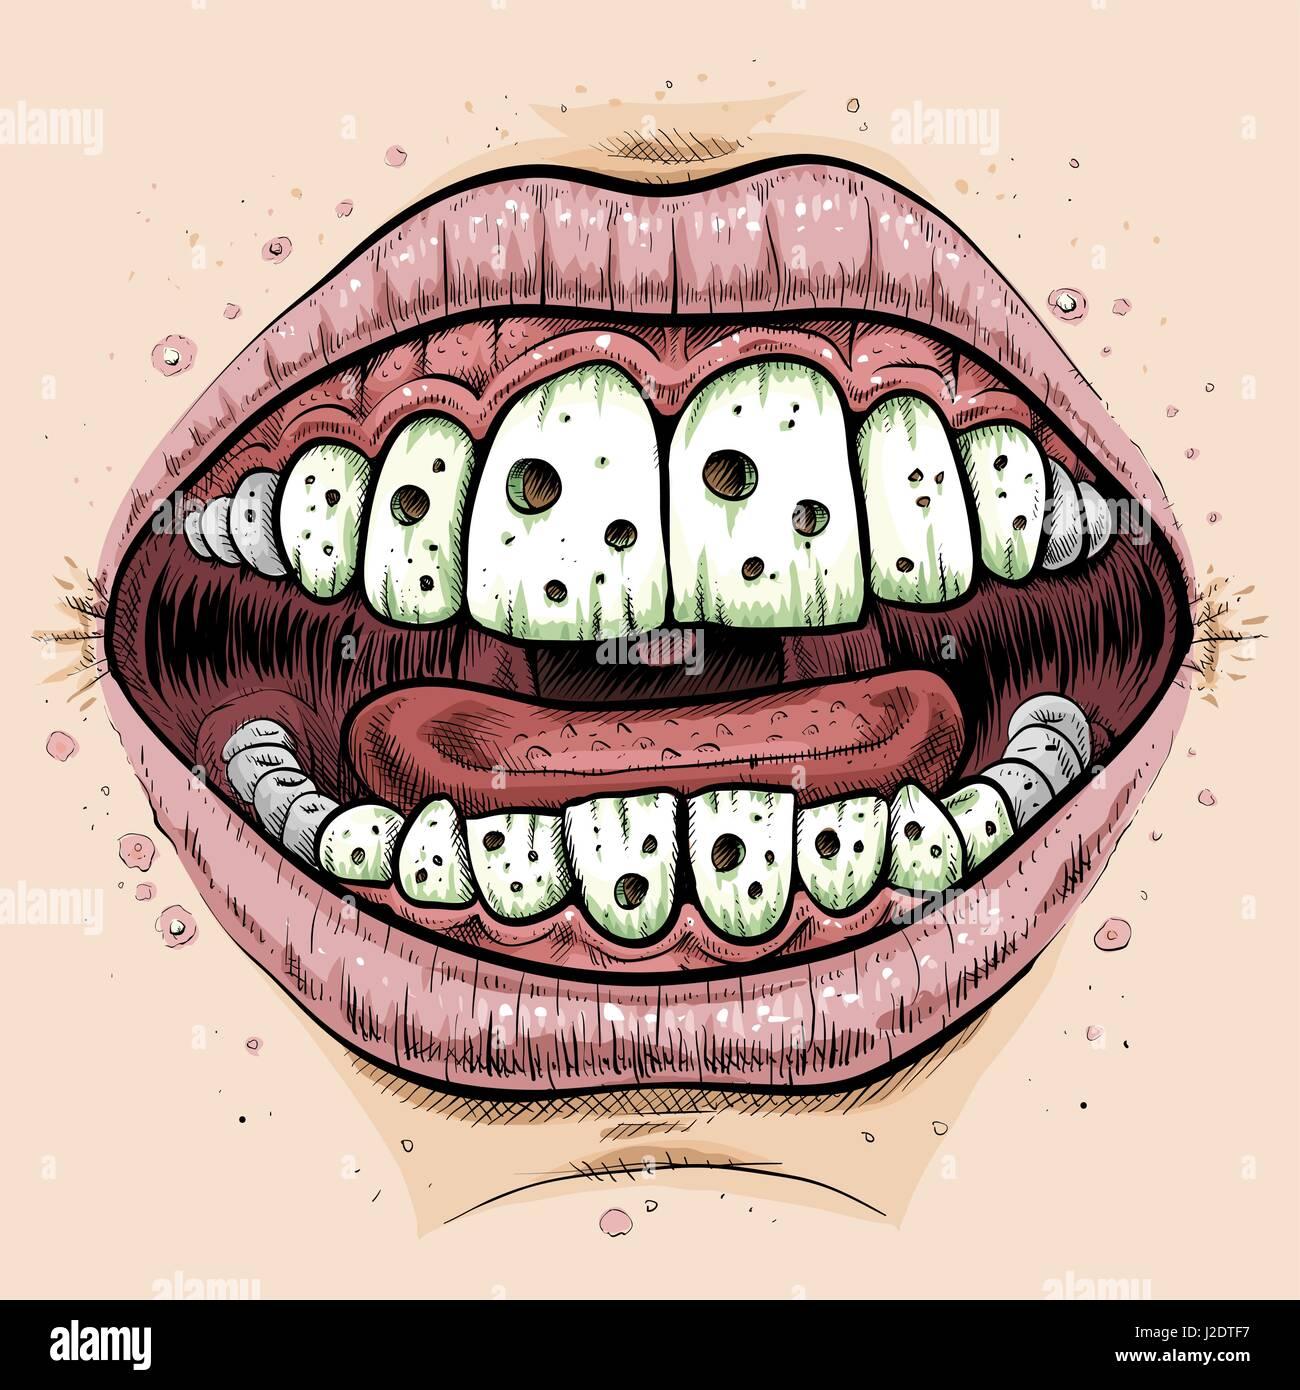 Una chiusura di un cartone animato in bocca con i denti con un sacco